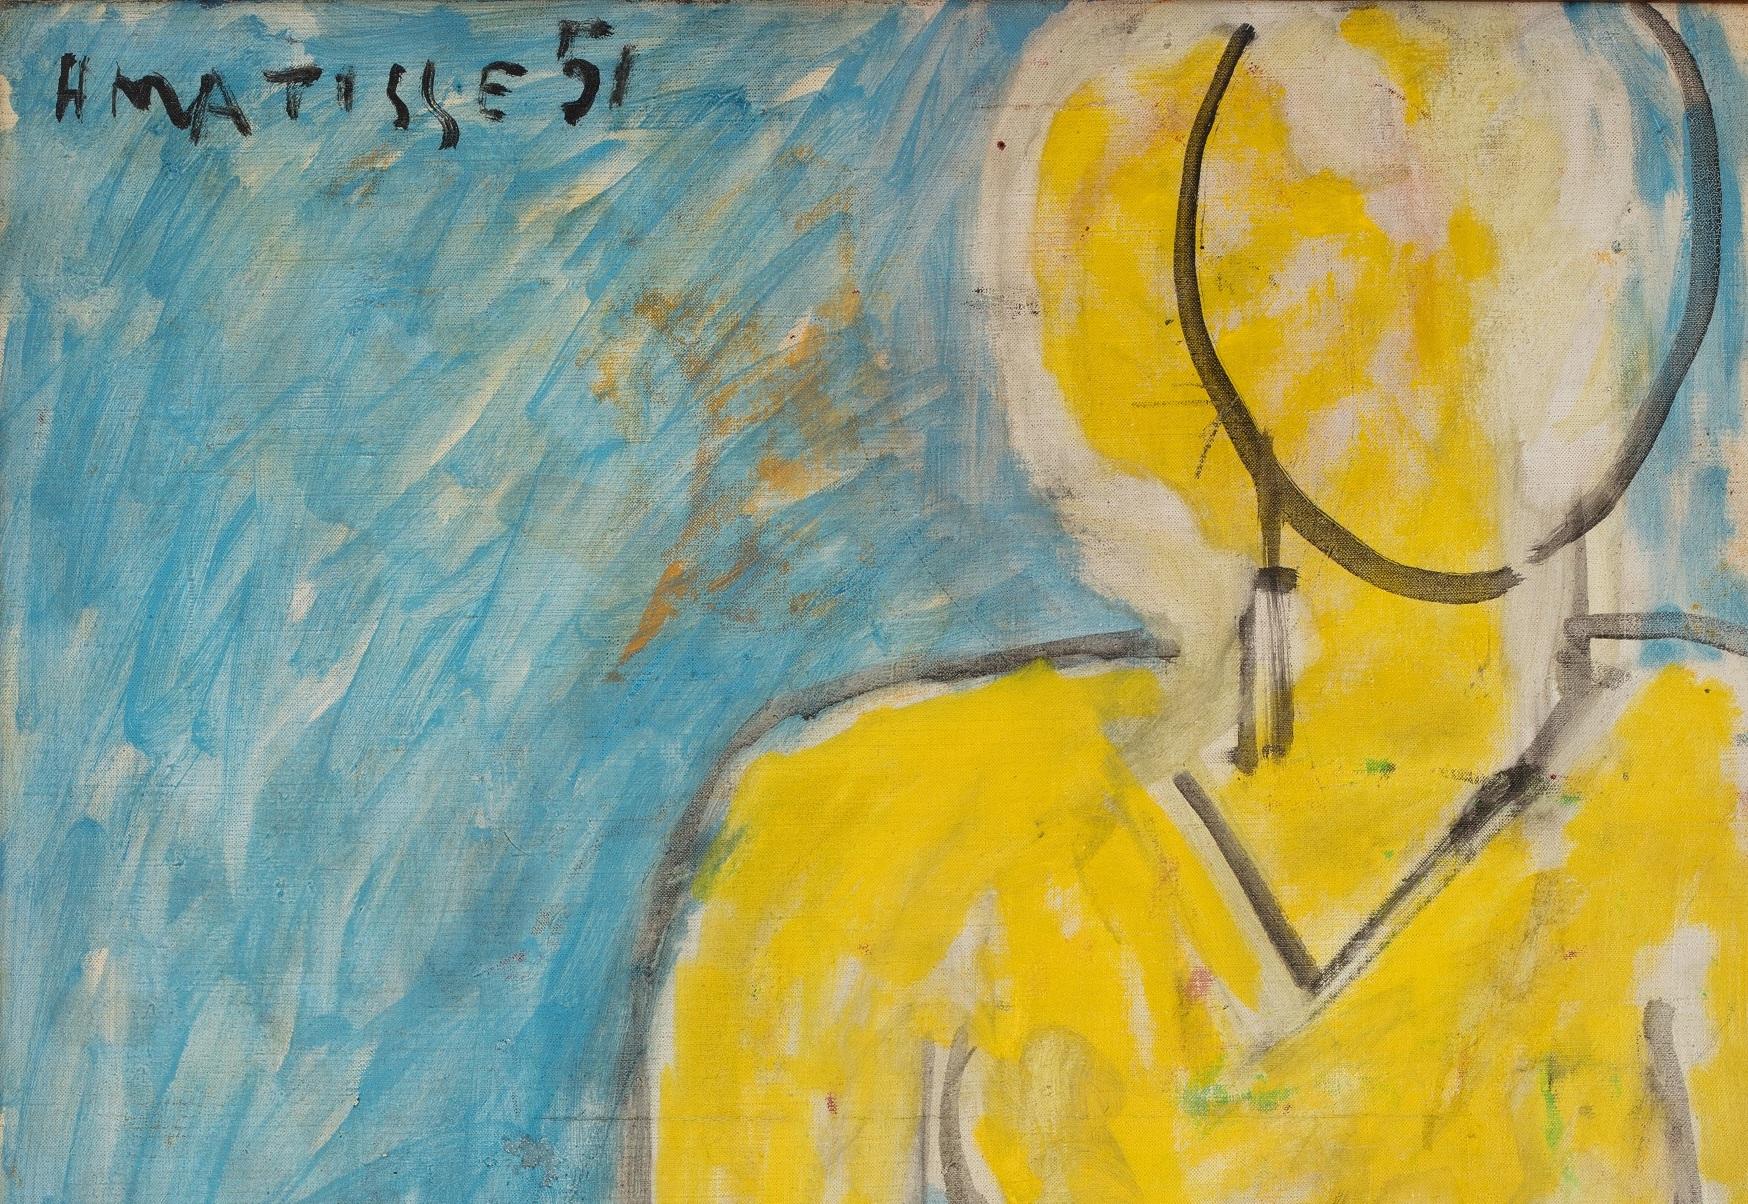 Un Matisse au Musée des Beaux-arts